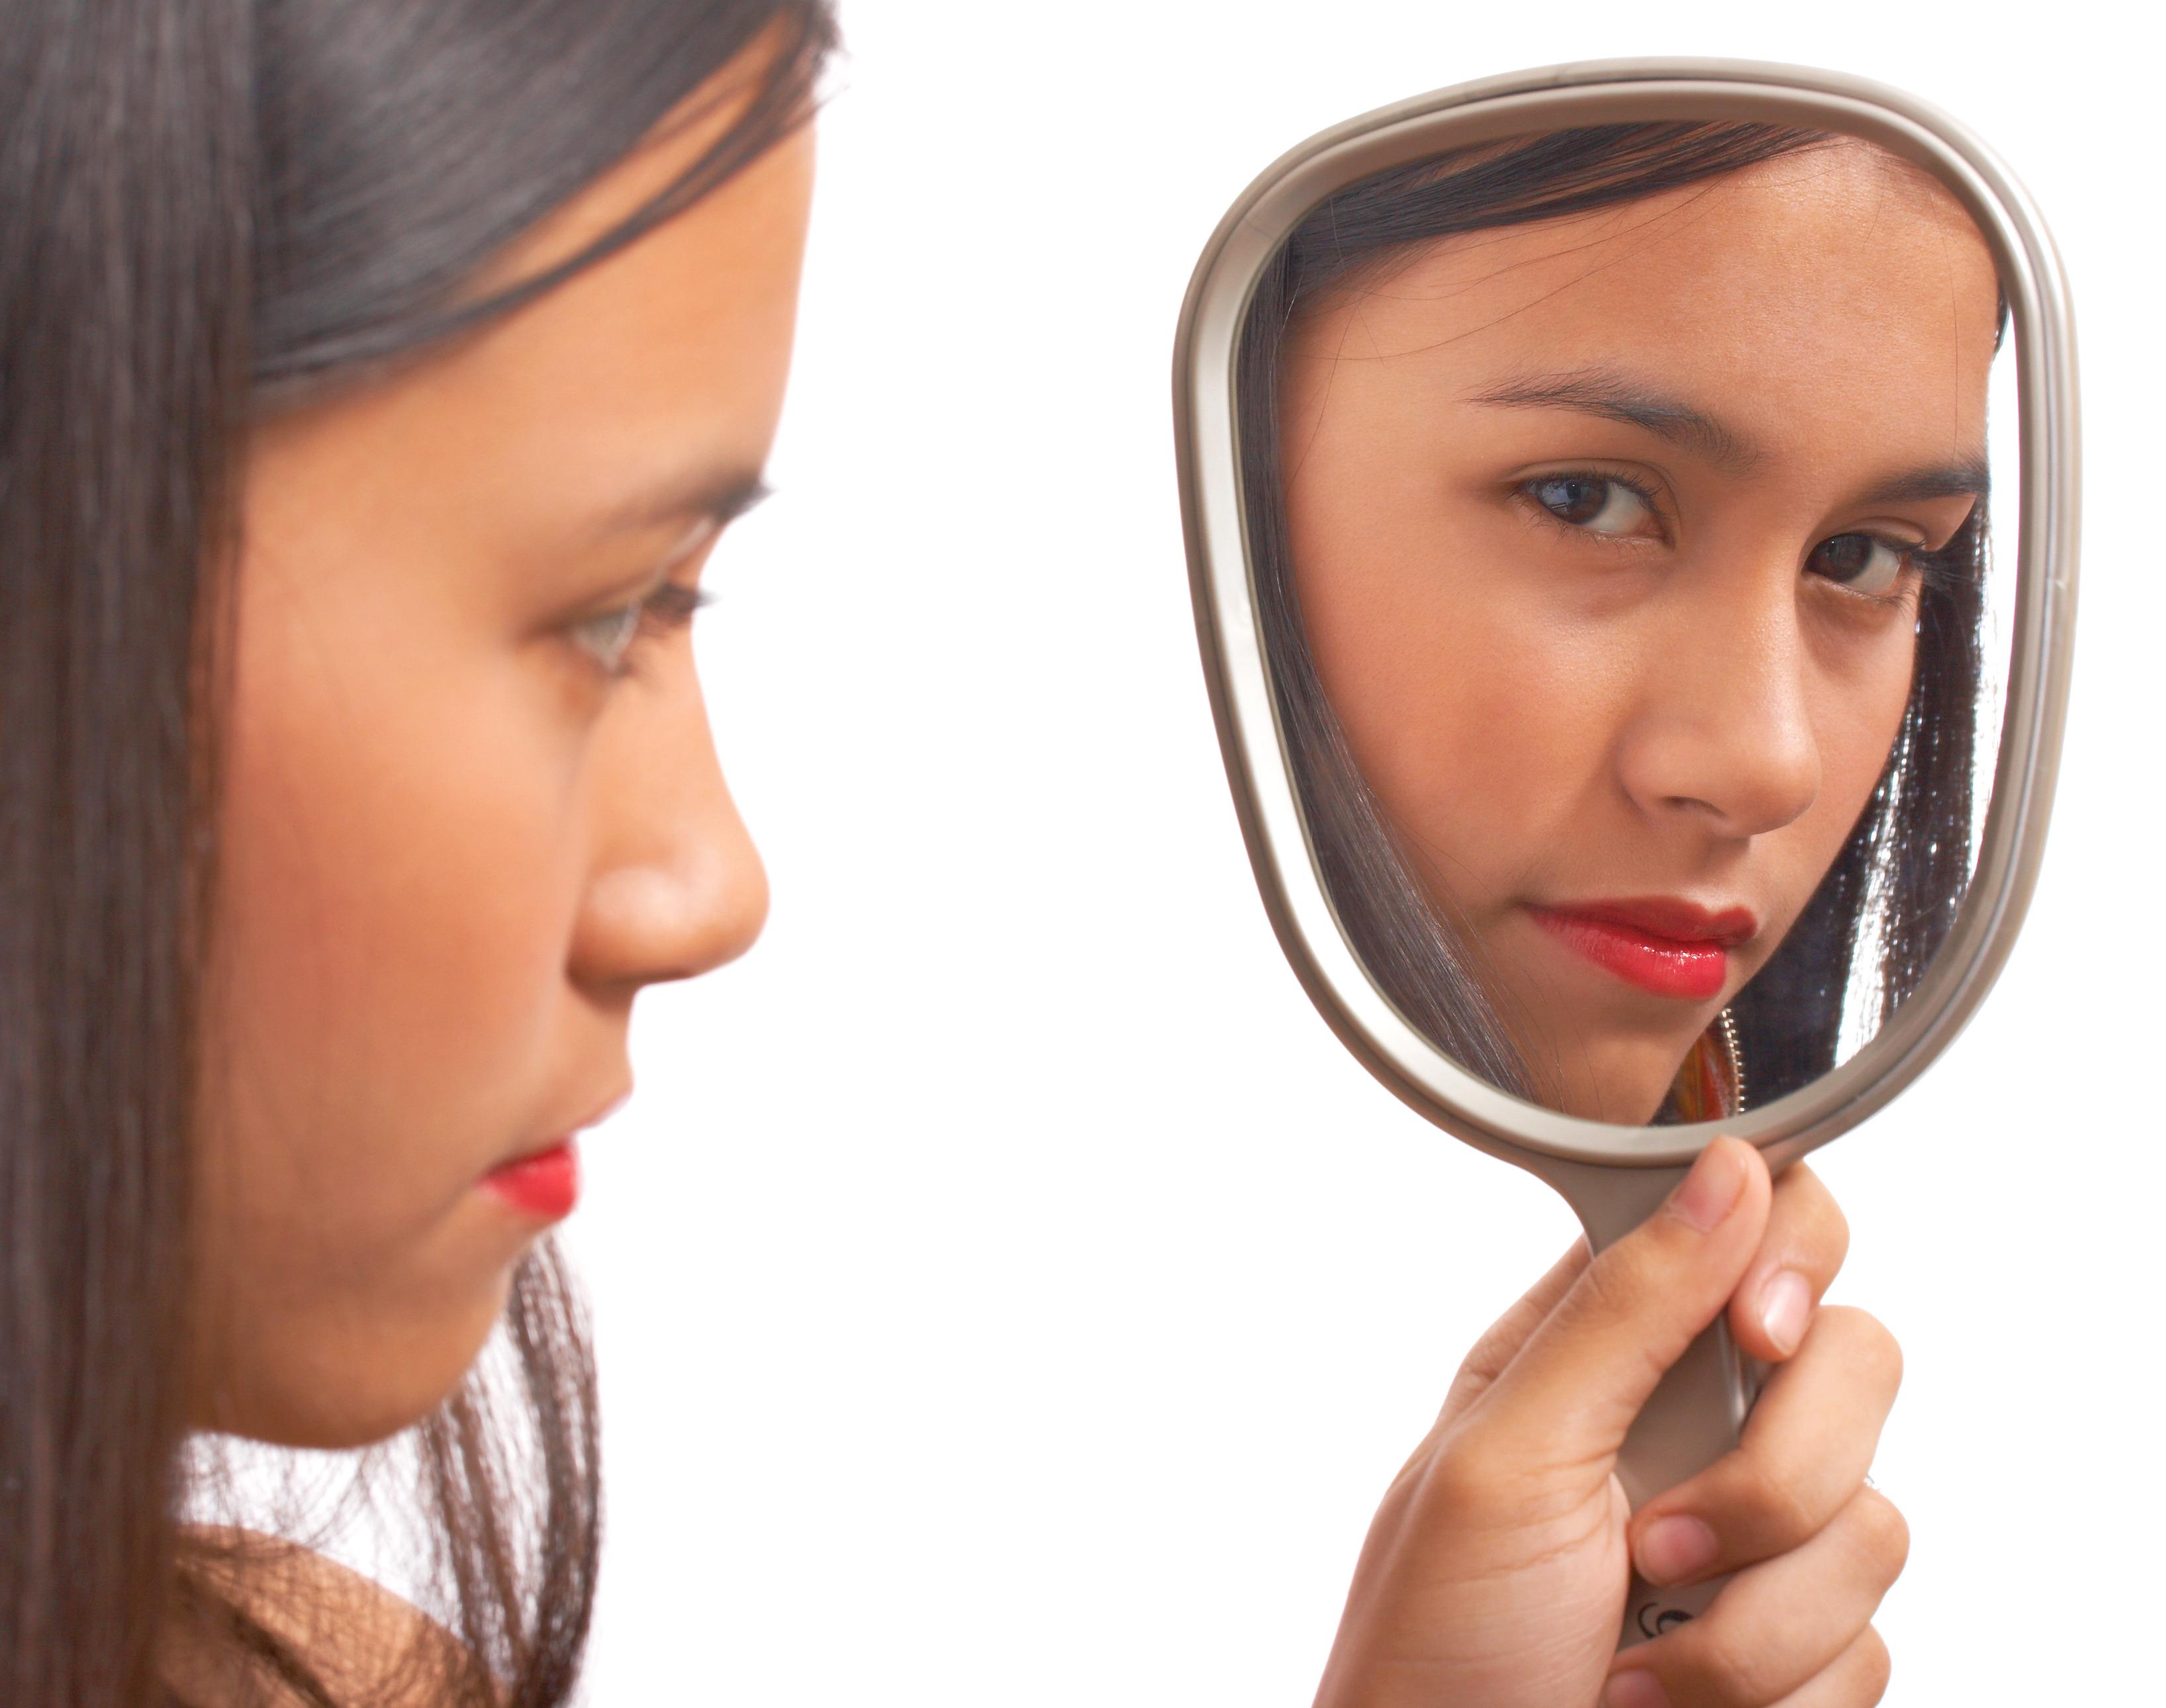 методика смотри в зеркало раздели нас, завязали